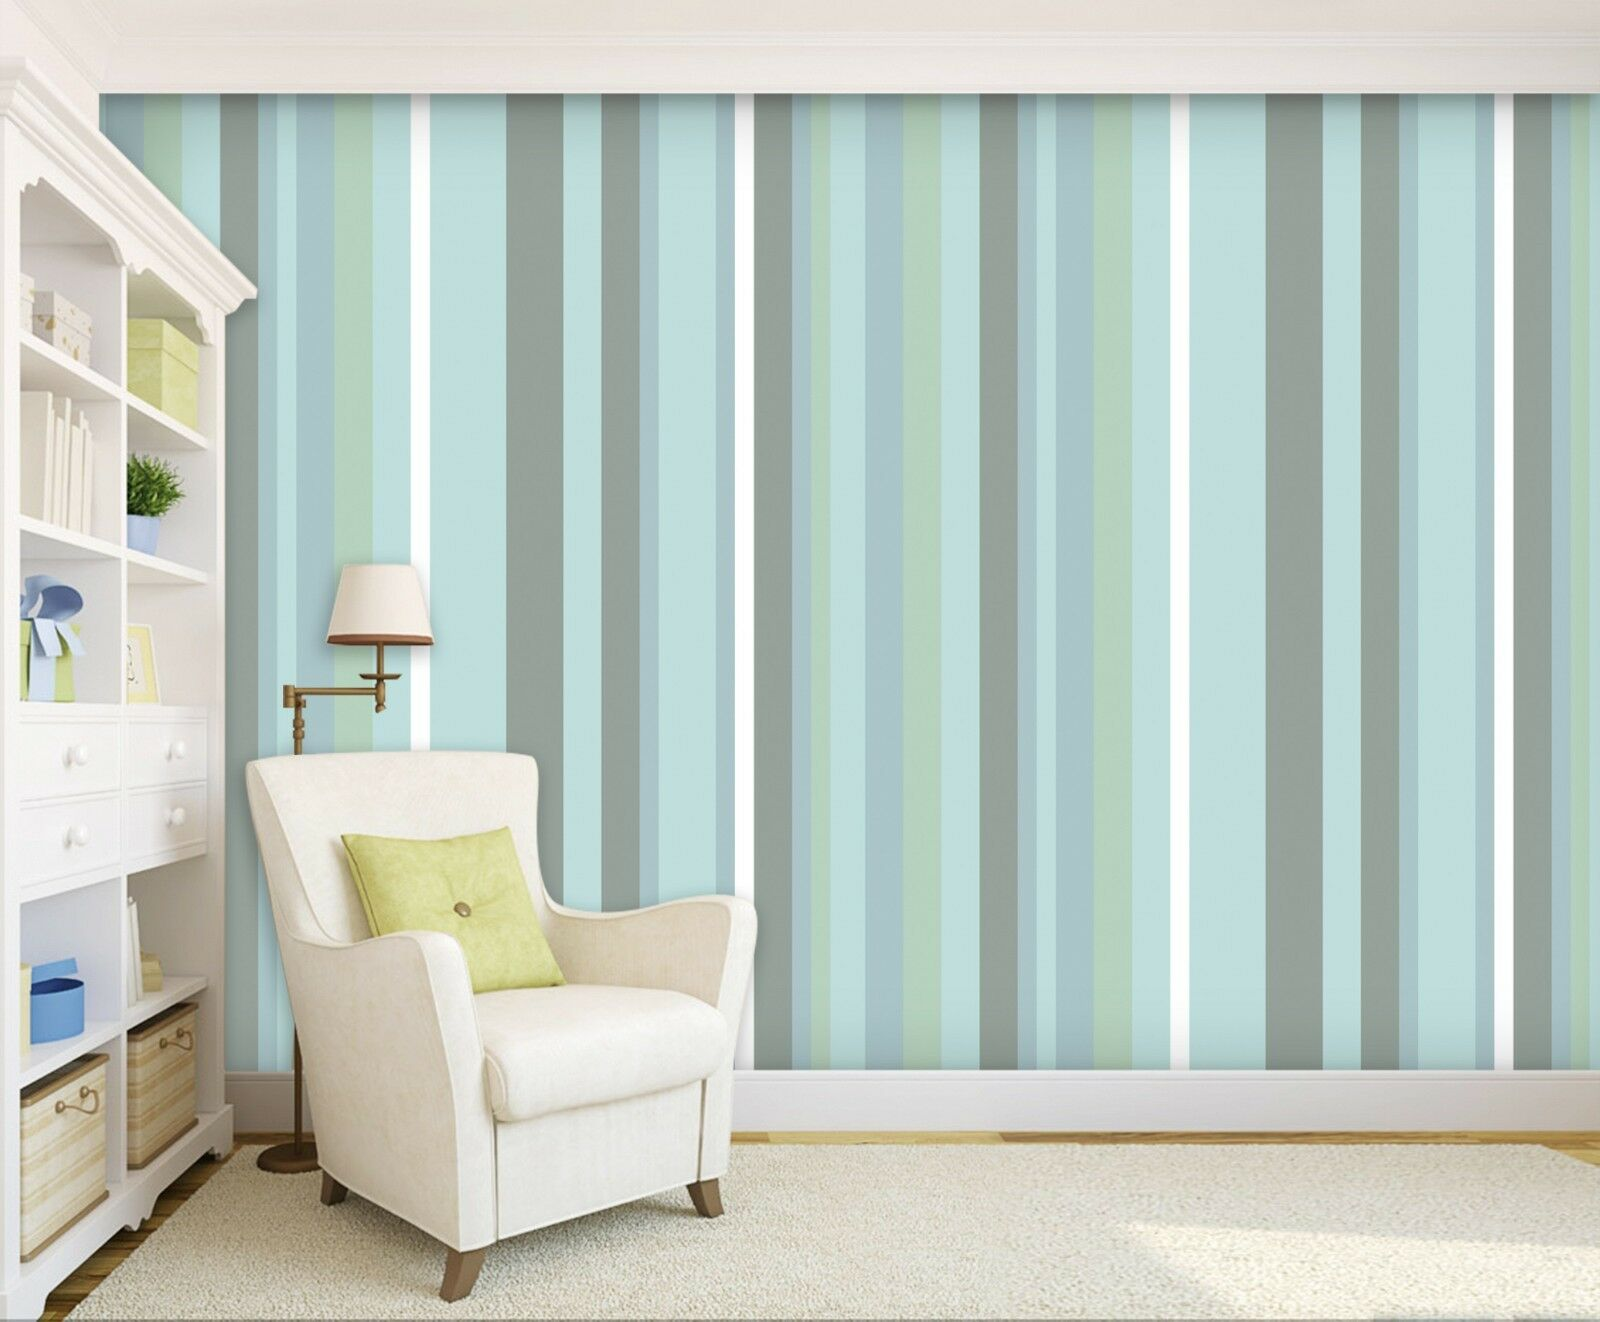 3D Lines Blau 026 WallPaper Murals Wall Decal WallPaper AU Summer